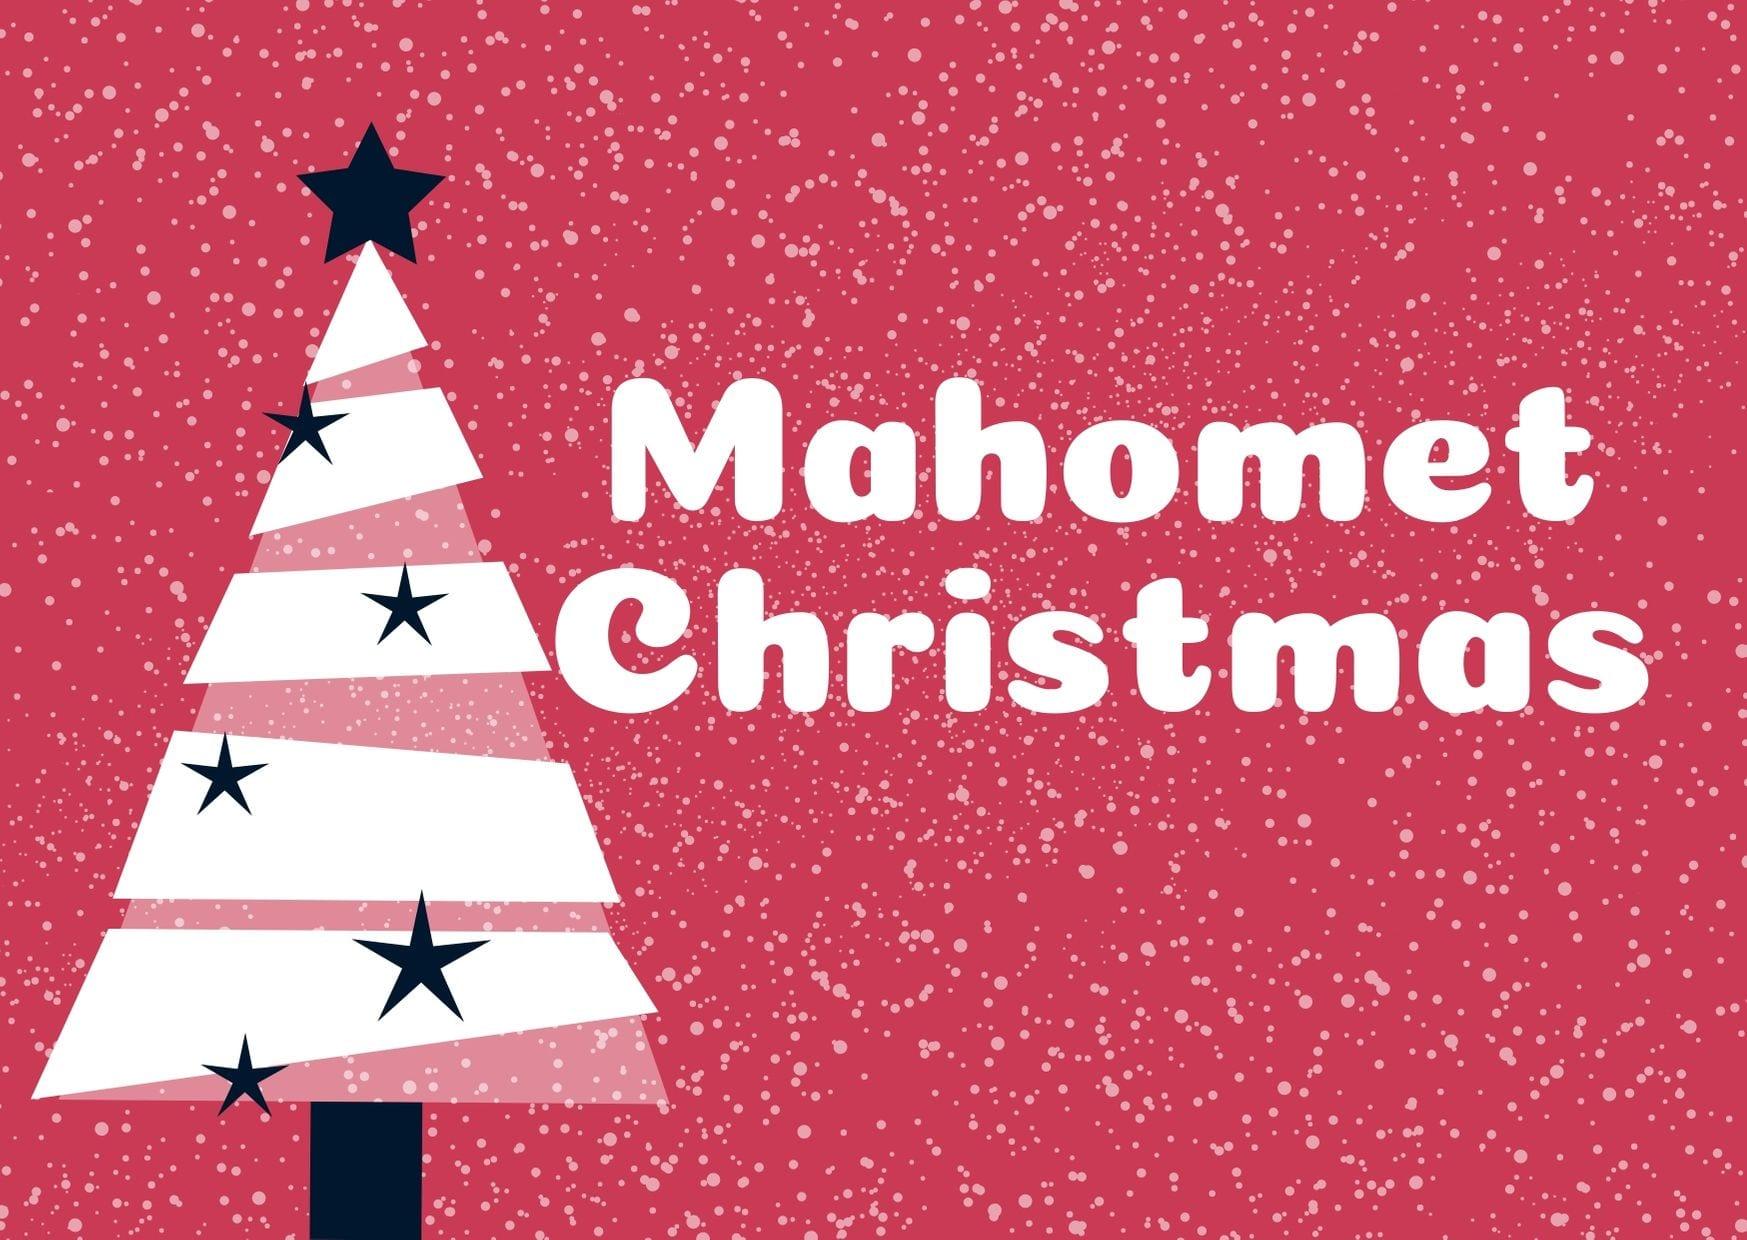 Mahomet Christmas Walk 2021